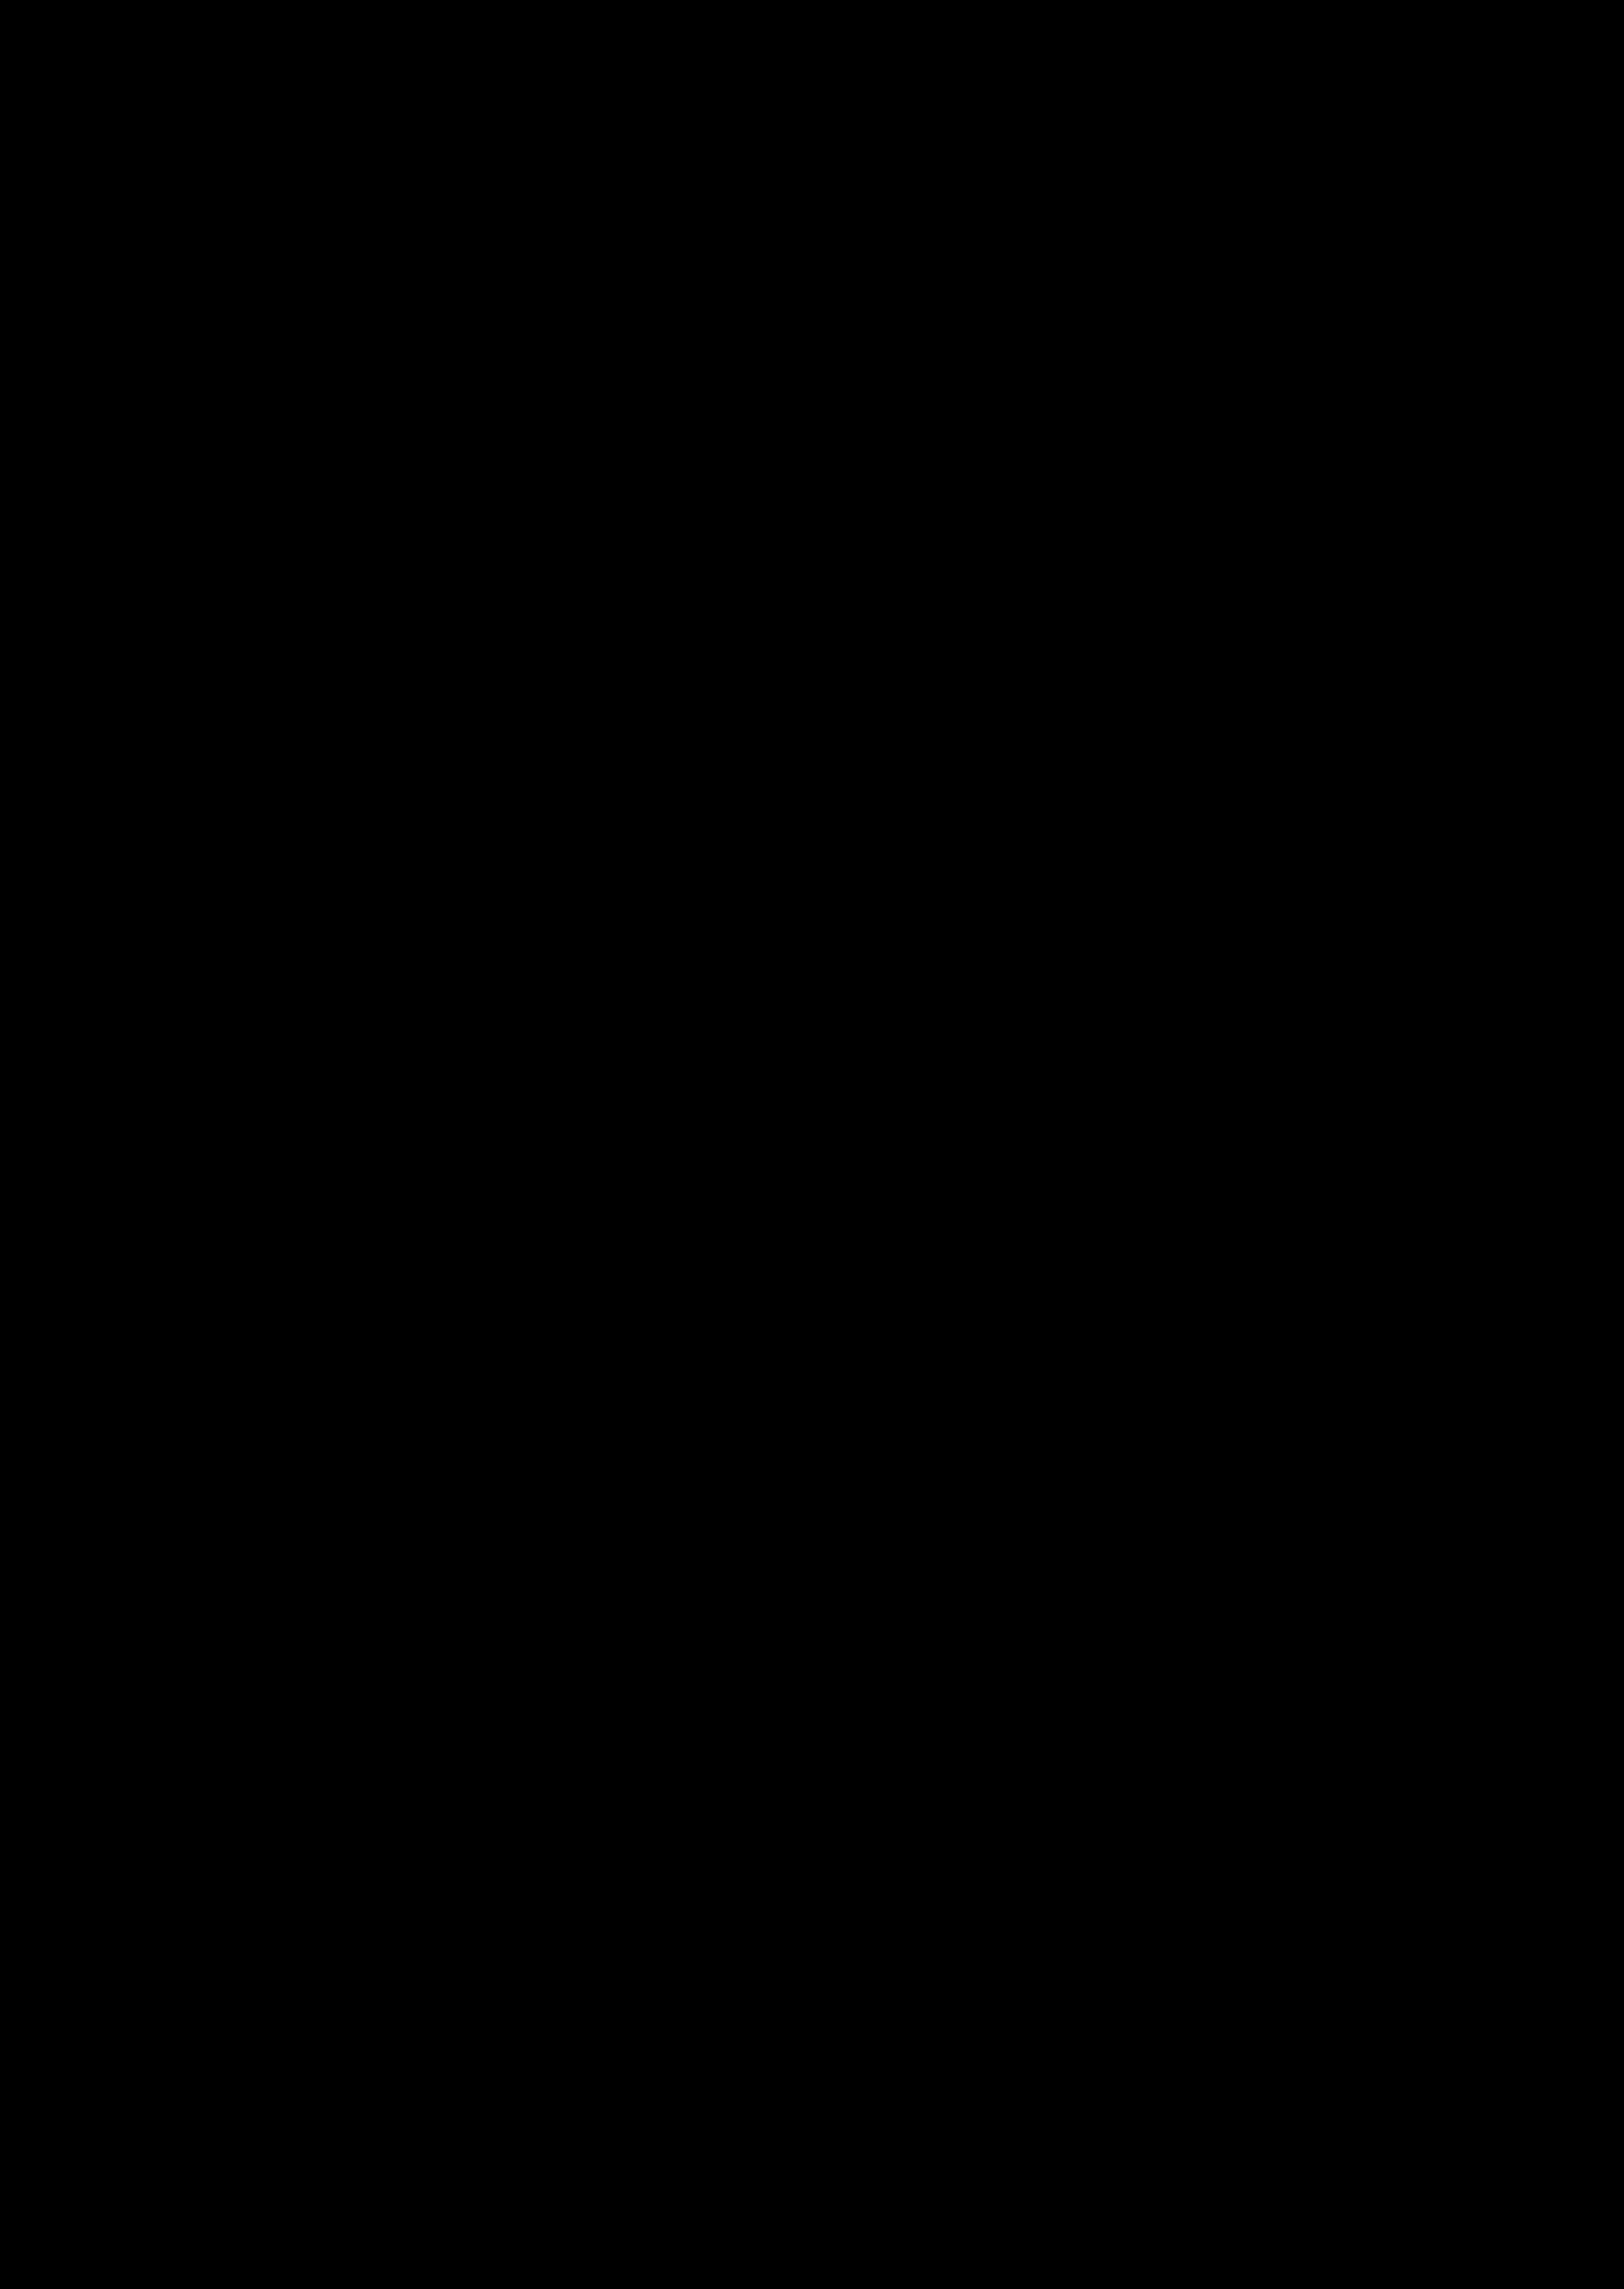 Urzeitenfisch; 1989; Graphit; imachd.